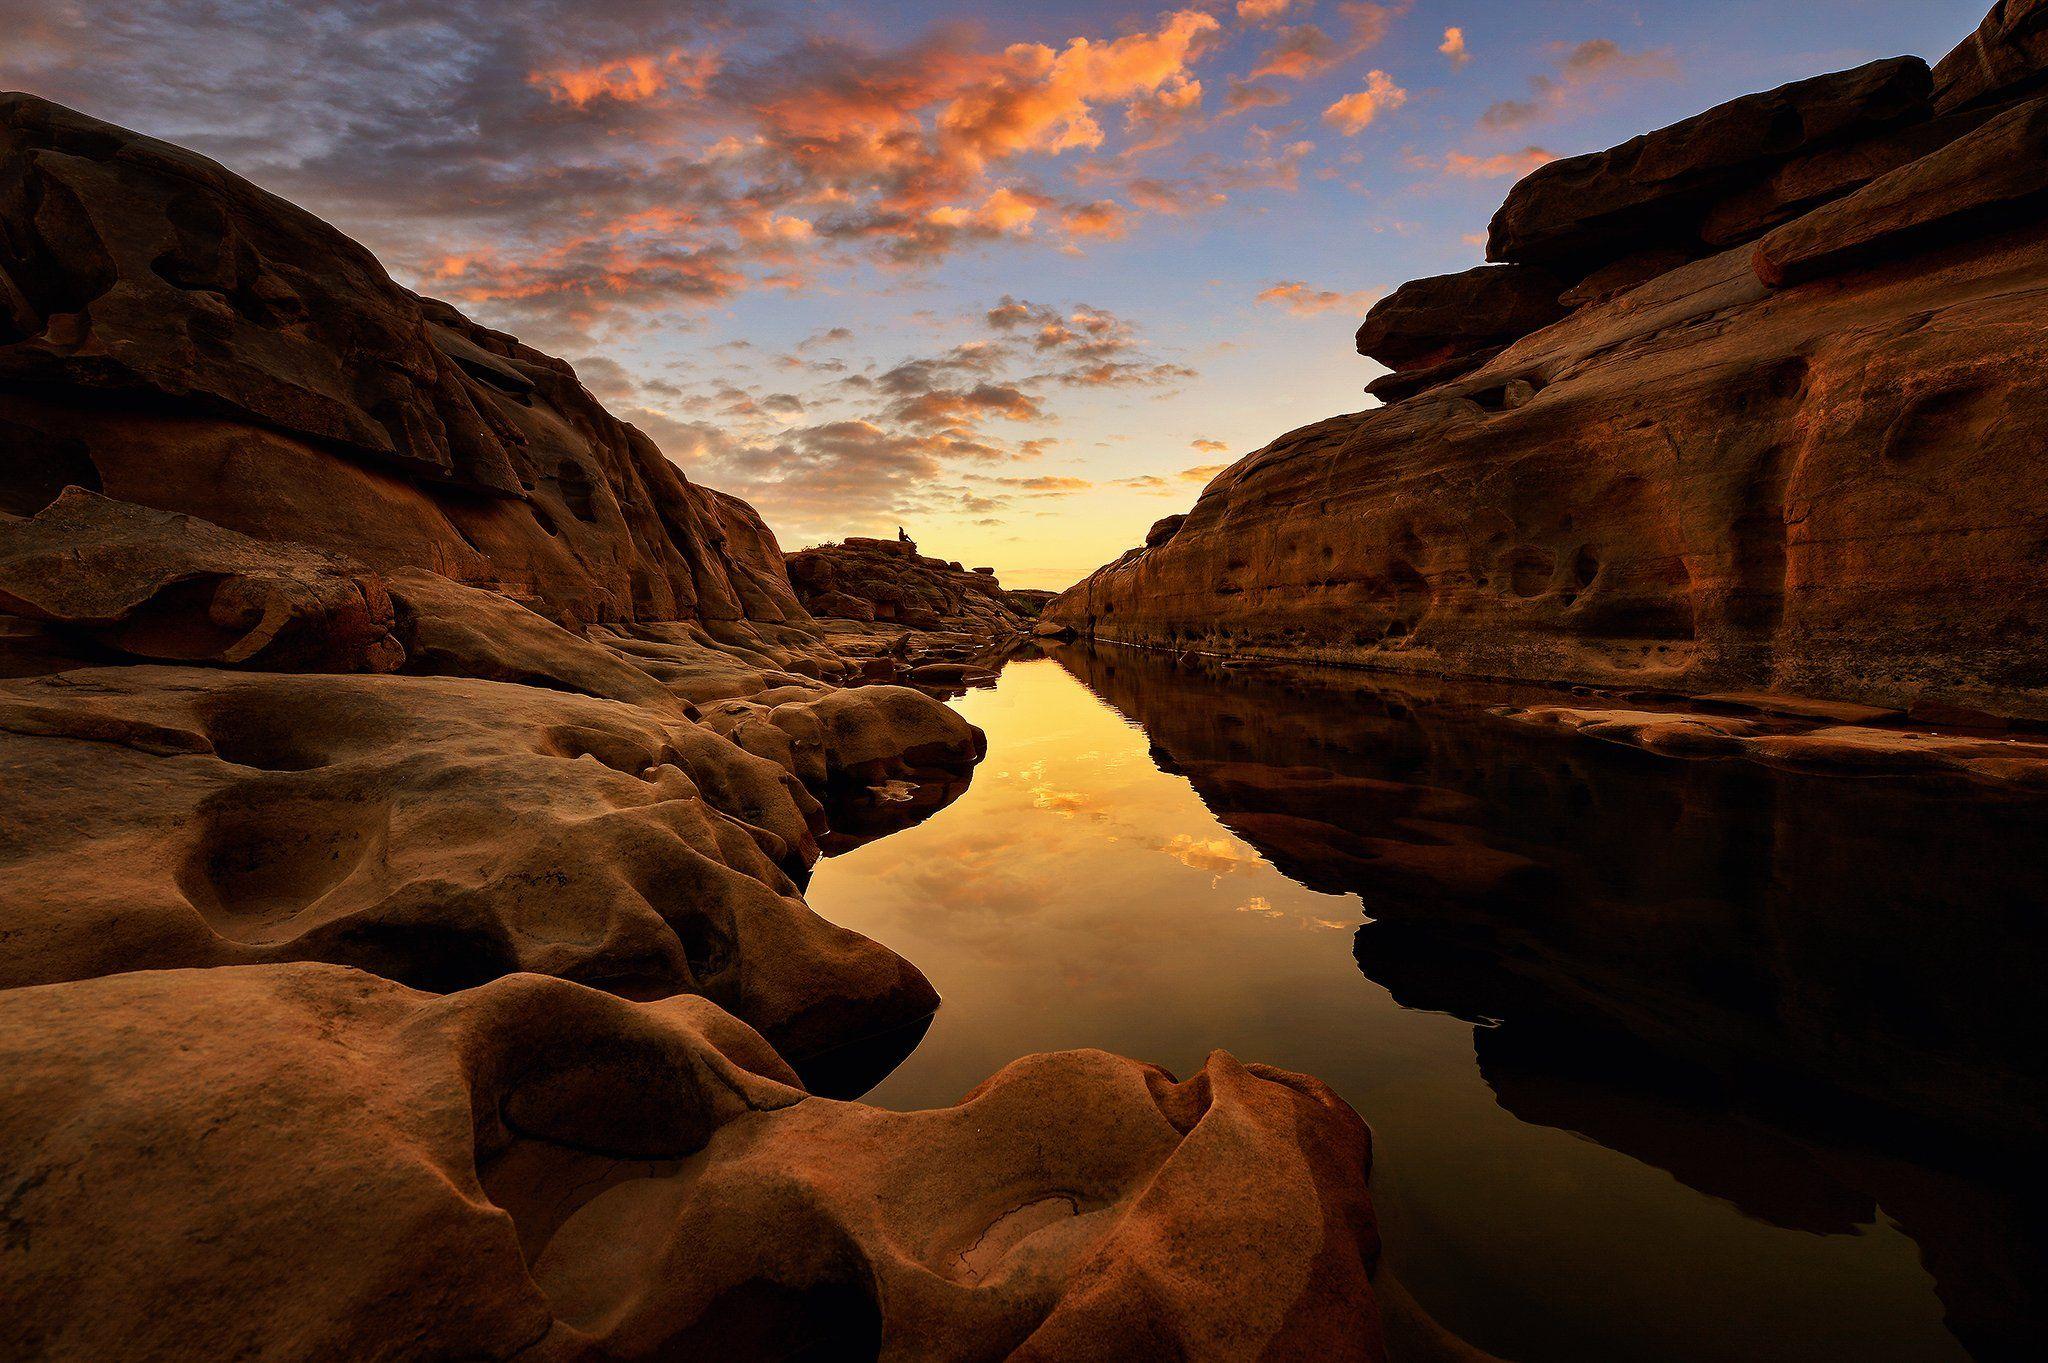 thailand,asia,travel,landscape,thai,river,rock,sunrise,cloud,water,colour, Saravut Whanset